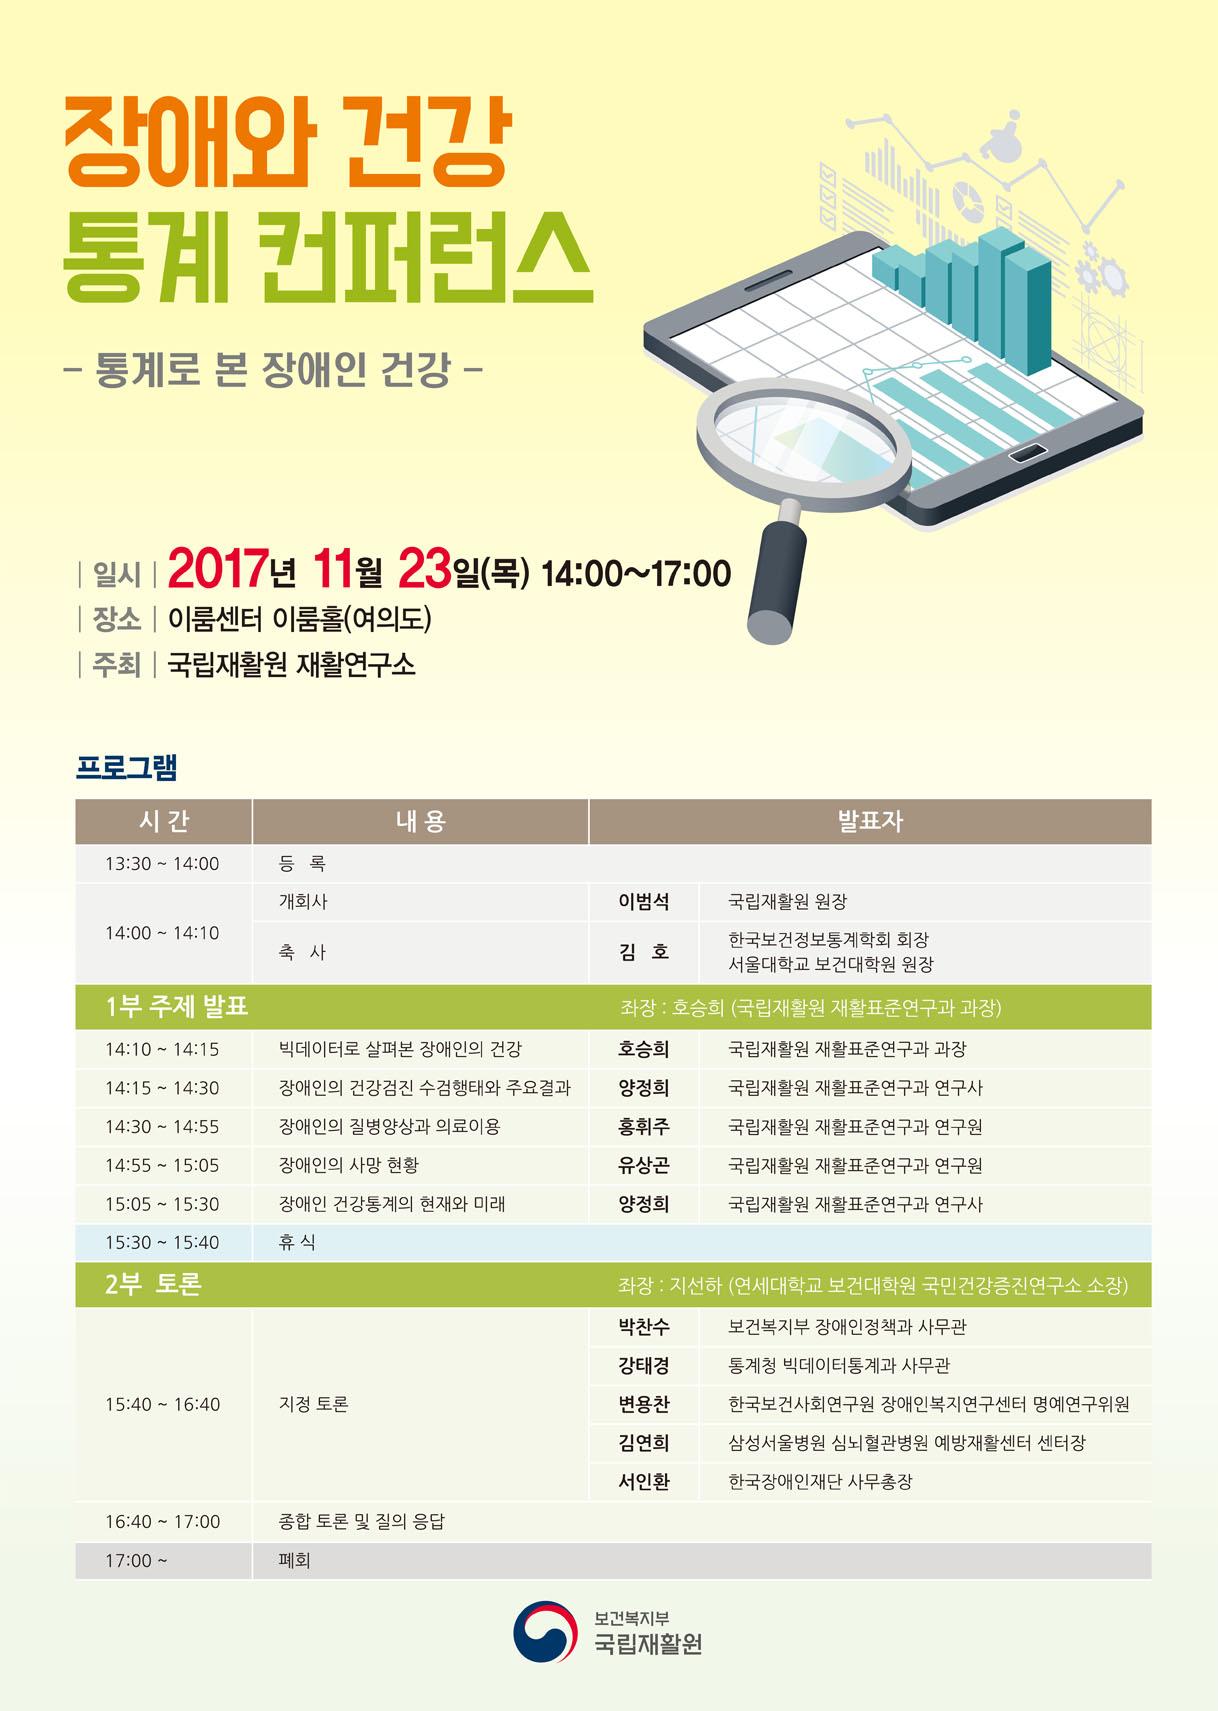 첨부2_2017_장애와 건강통계_포스터_국립재활원.jpg